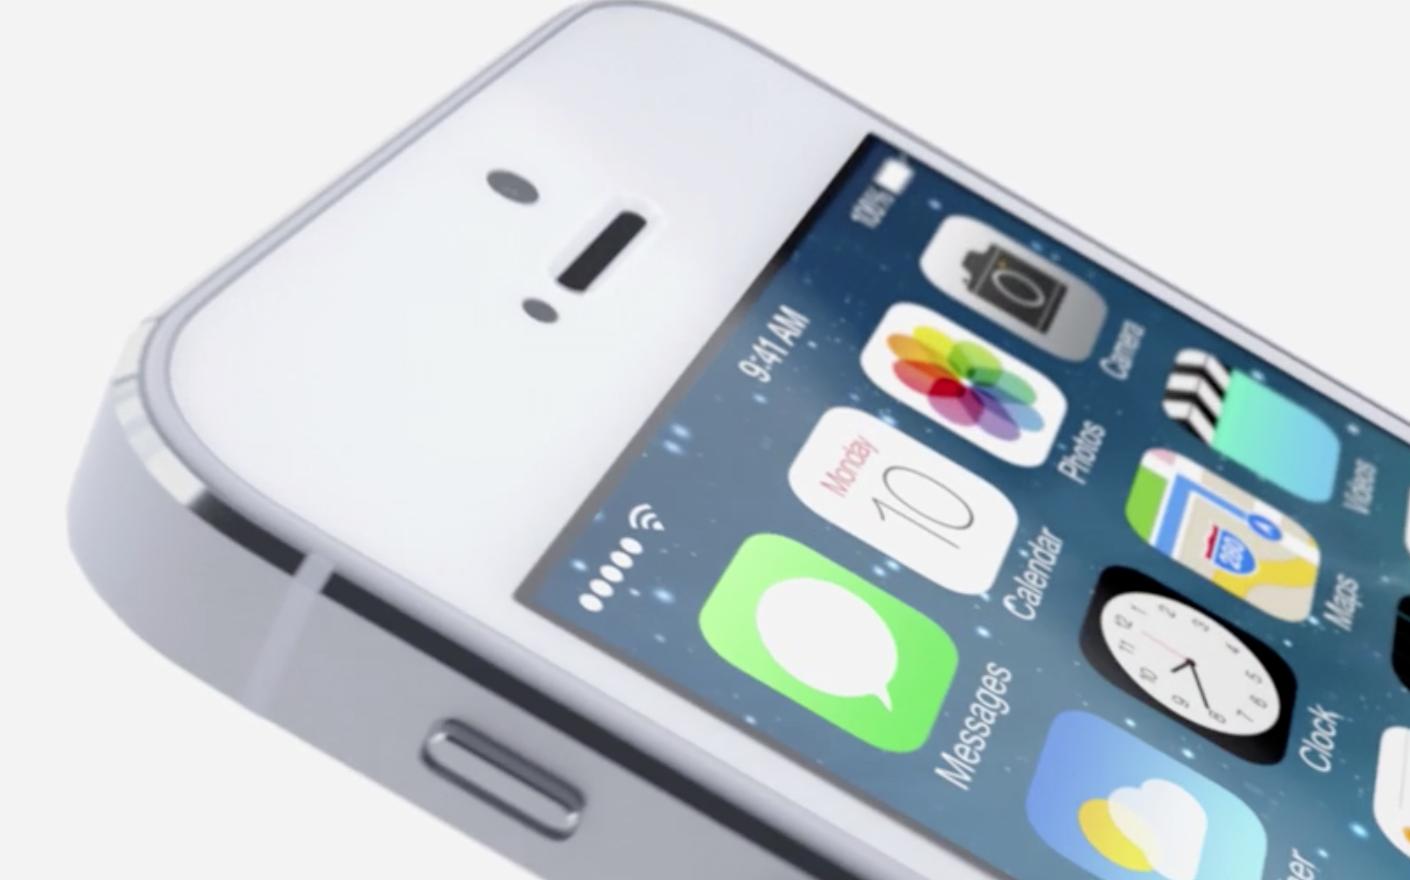 Τι πρέπει να κάνετε πριν πουλήσετε το iPhone σας